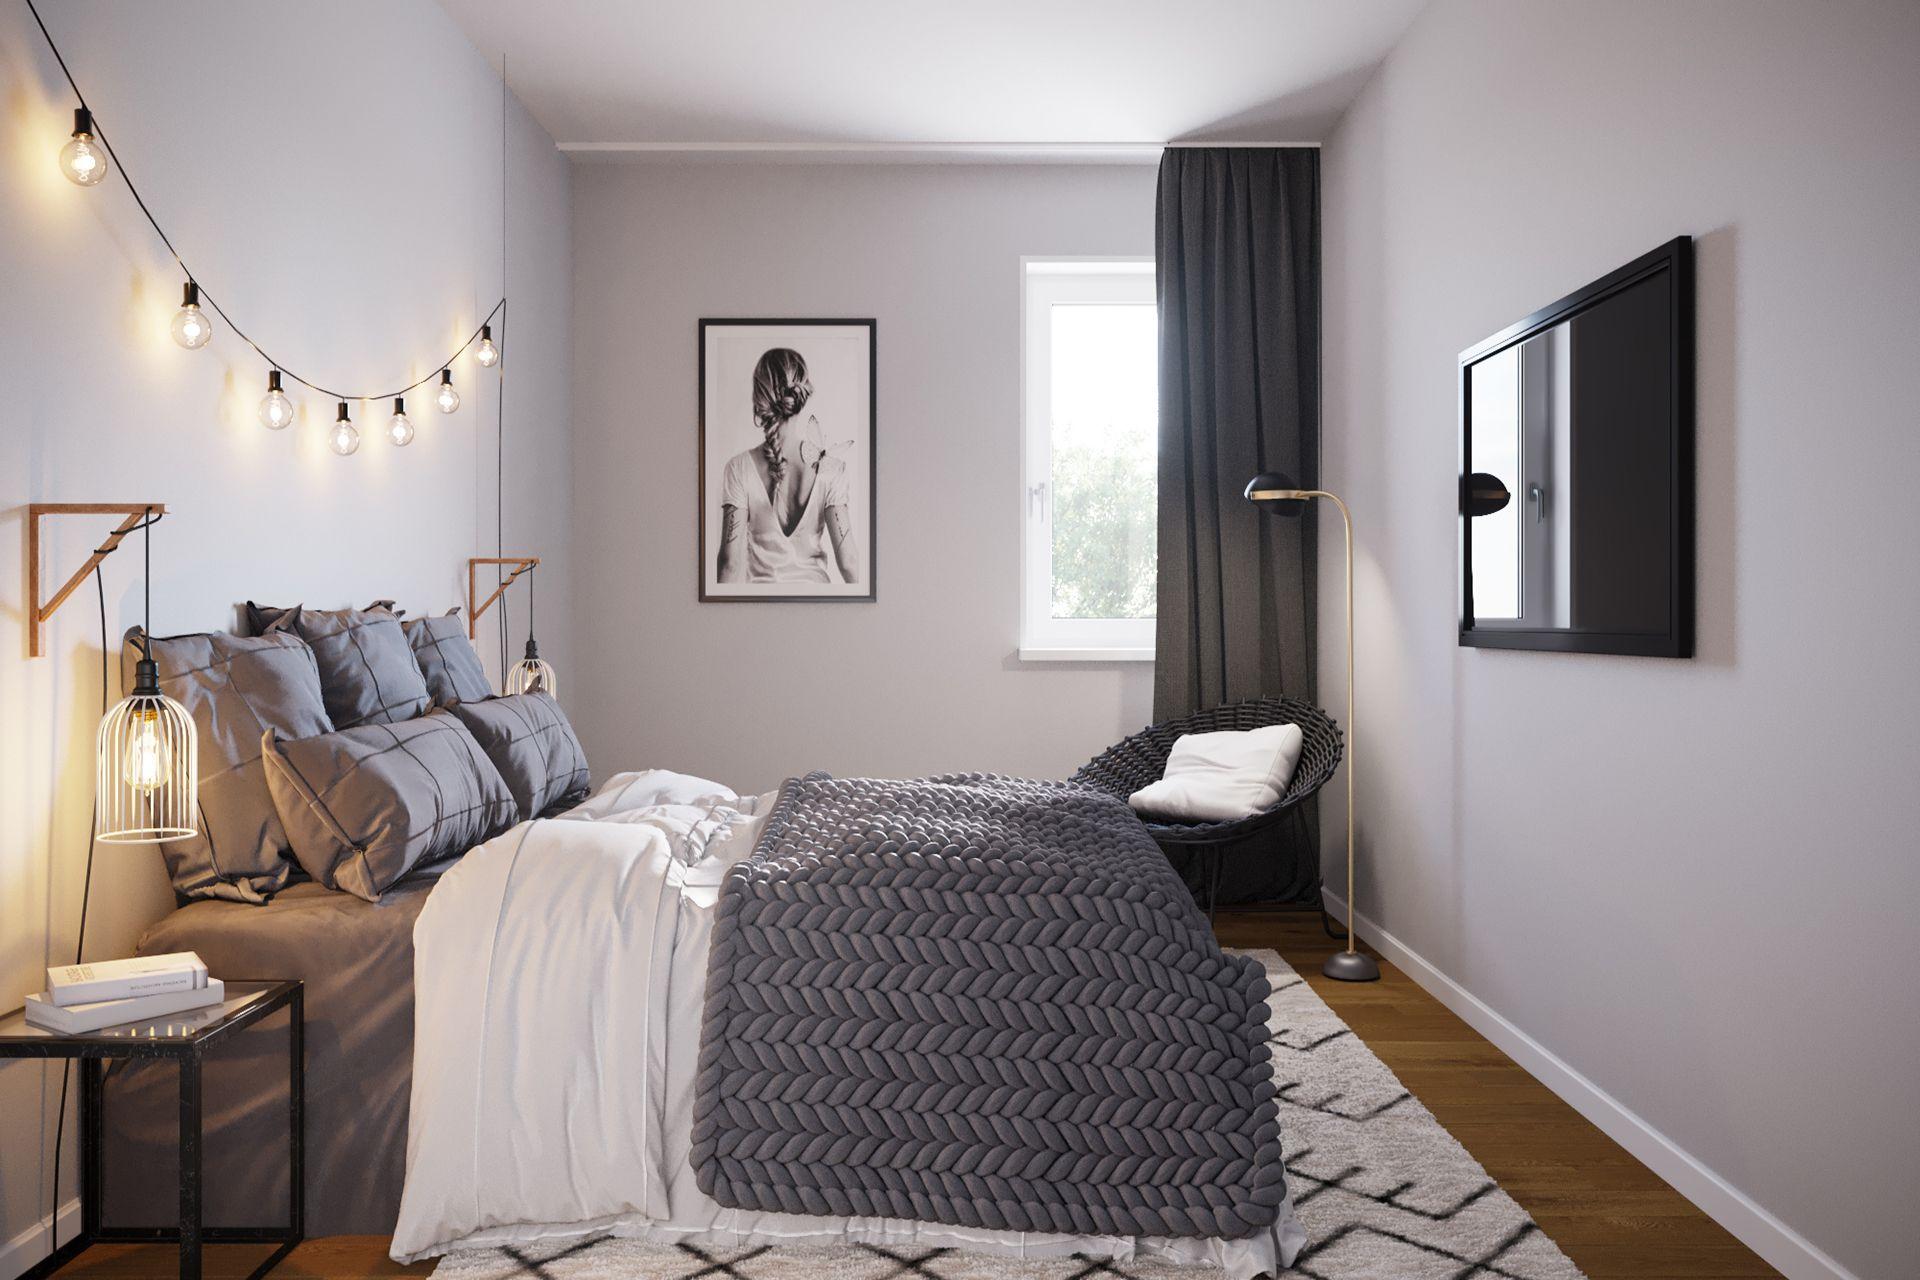 Schlafzimmer von Krems an der Donau Niederösterreich